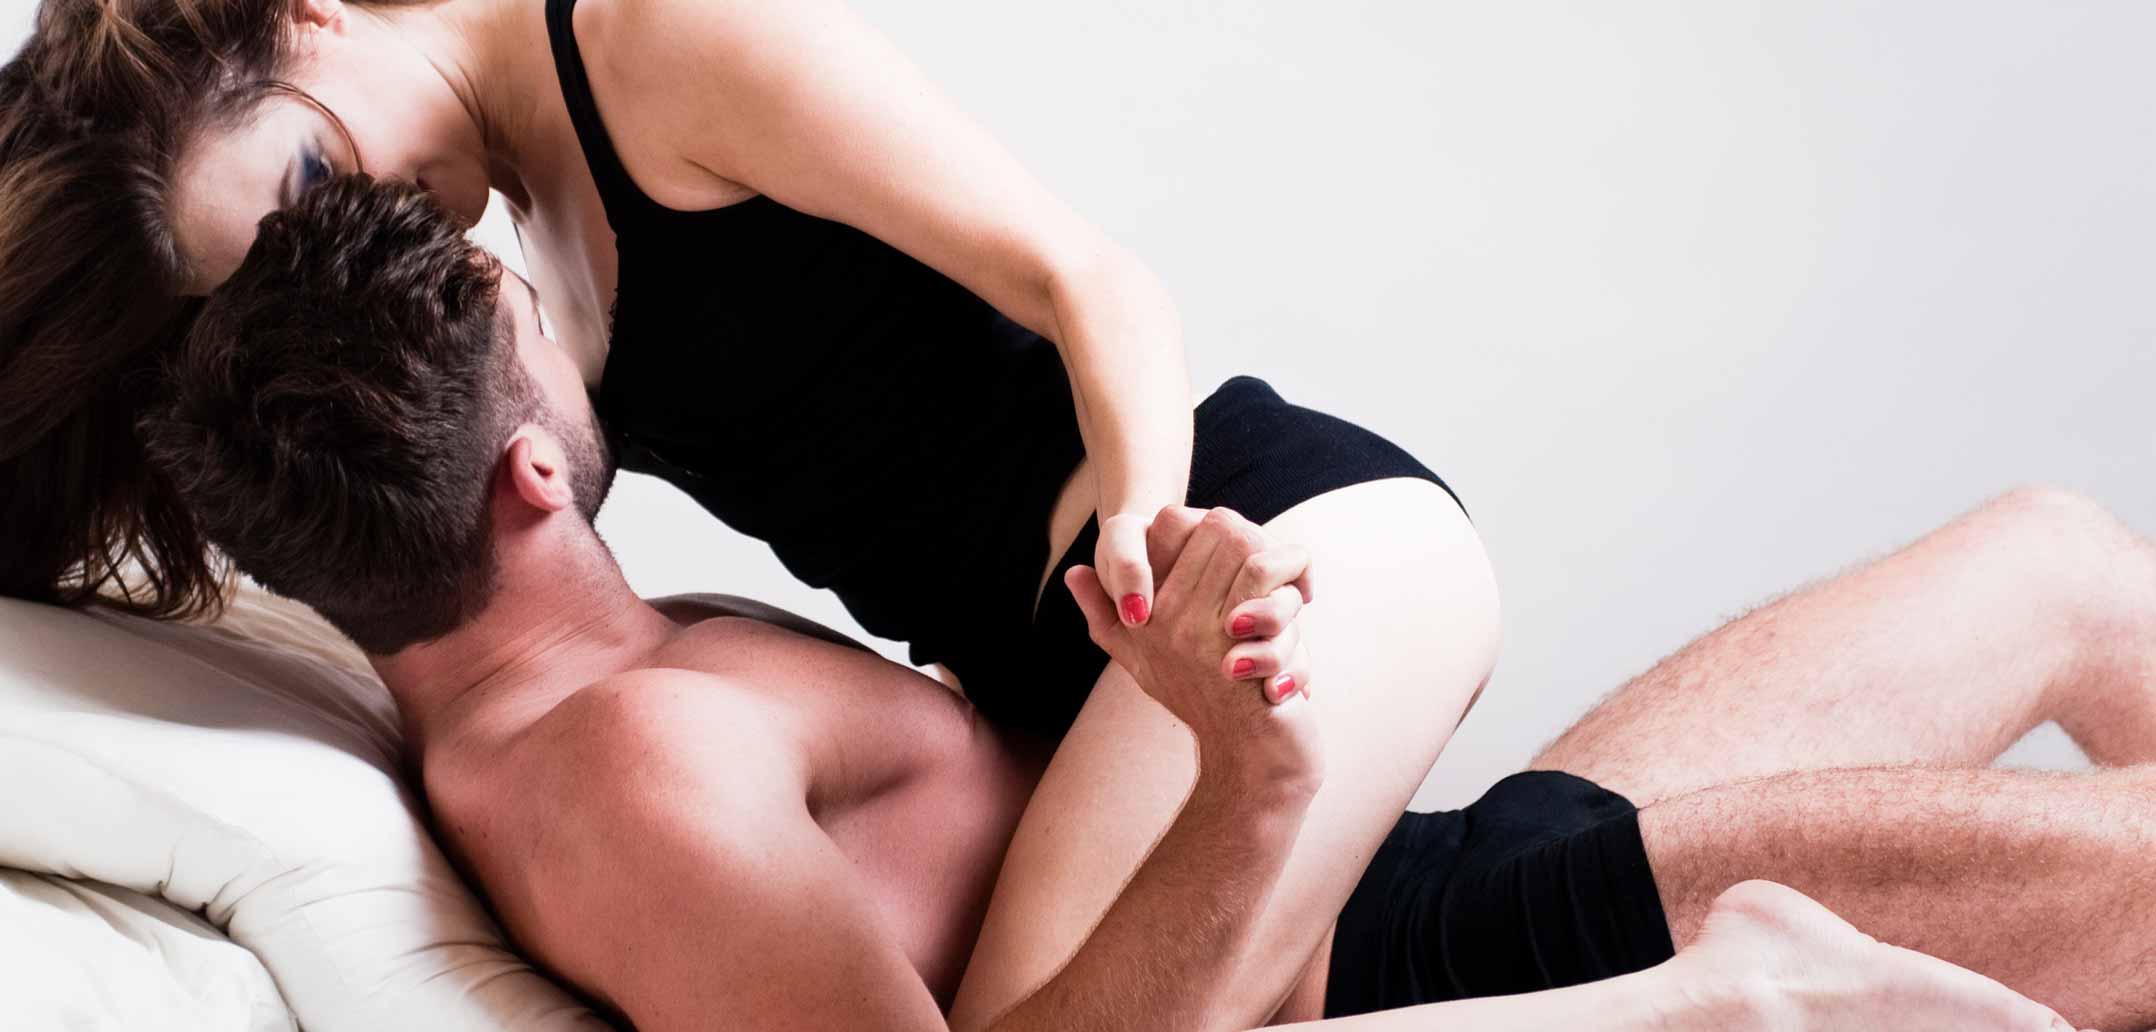 weiblichen orgasmus pix